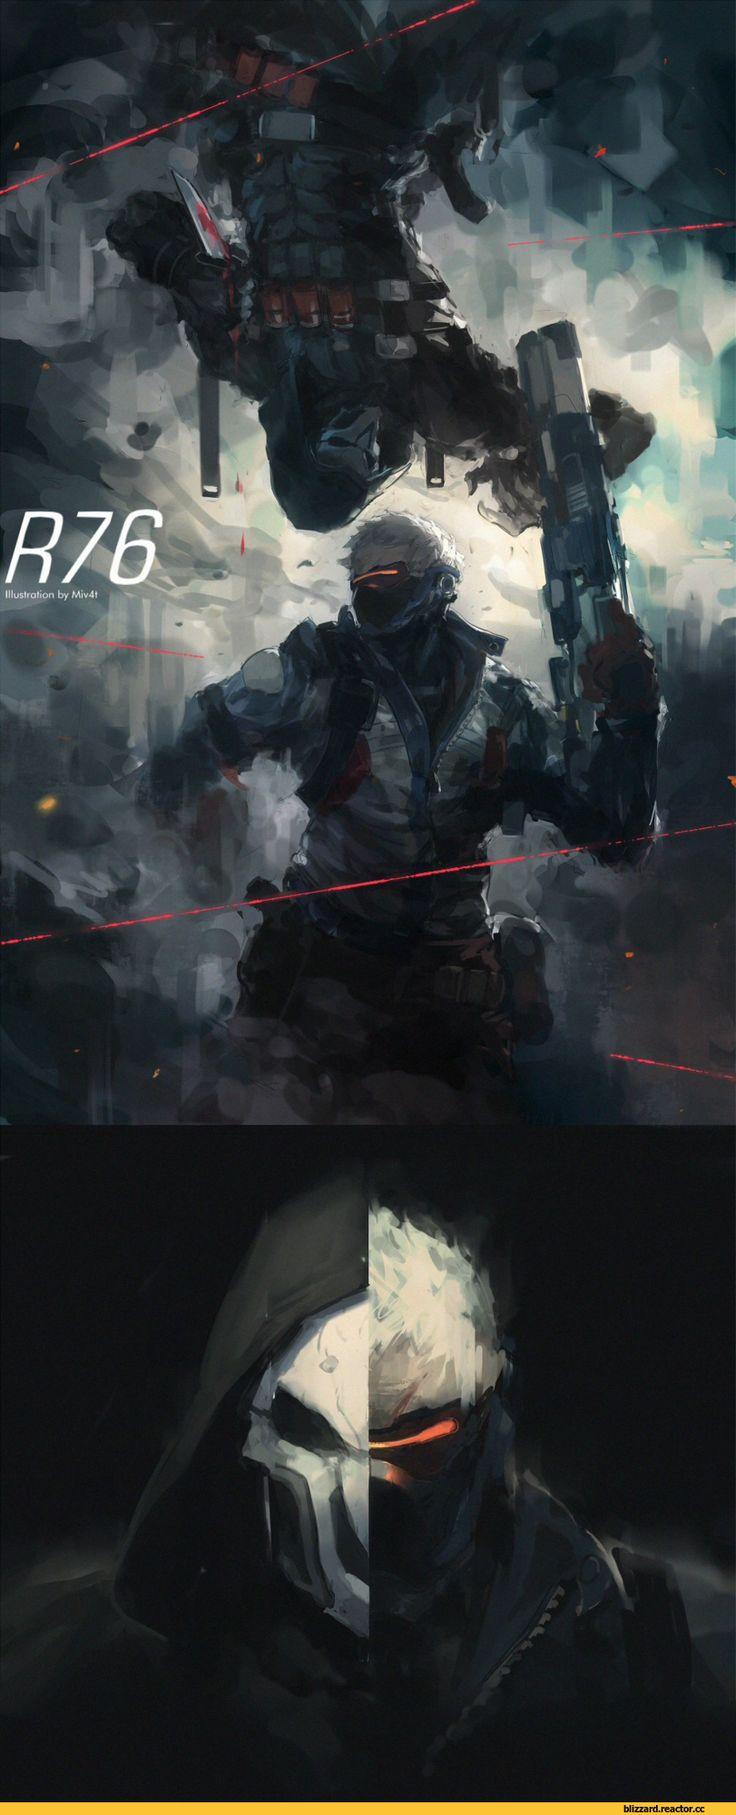 Overwatch,Blizzard,Blizzard Entertainment,фэндомы,Miv4t,Reaper (Overwatch),Soldier 76,Overwatch art